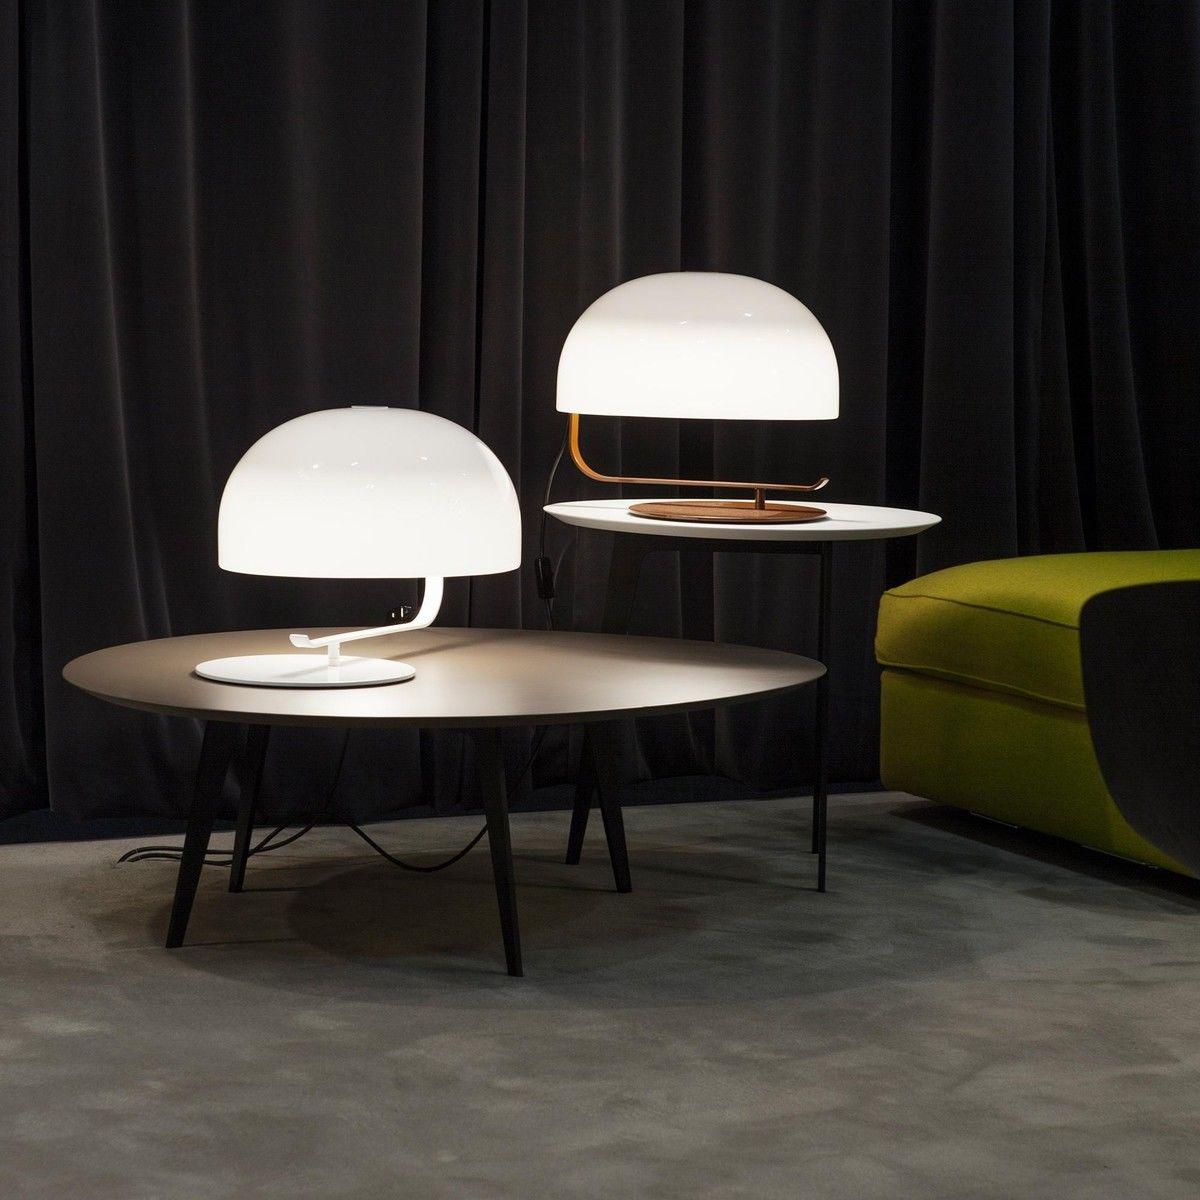 zanuso 275 lampe de table lampe de bureau oluce. Black Bedroom Furniture Sets. Home Design Ideas